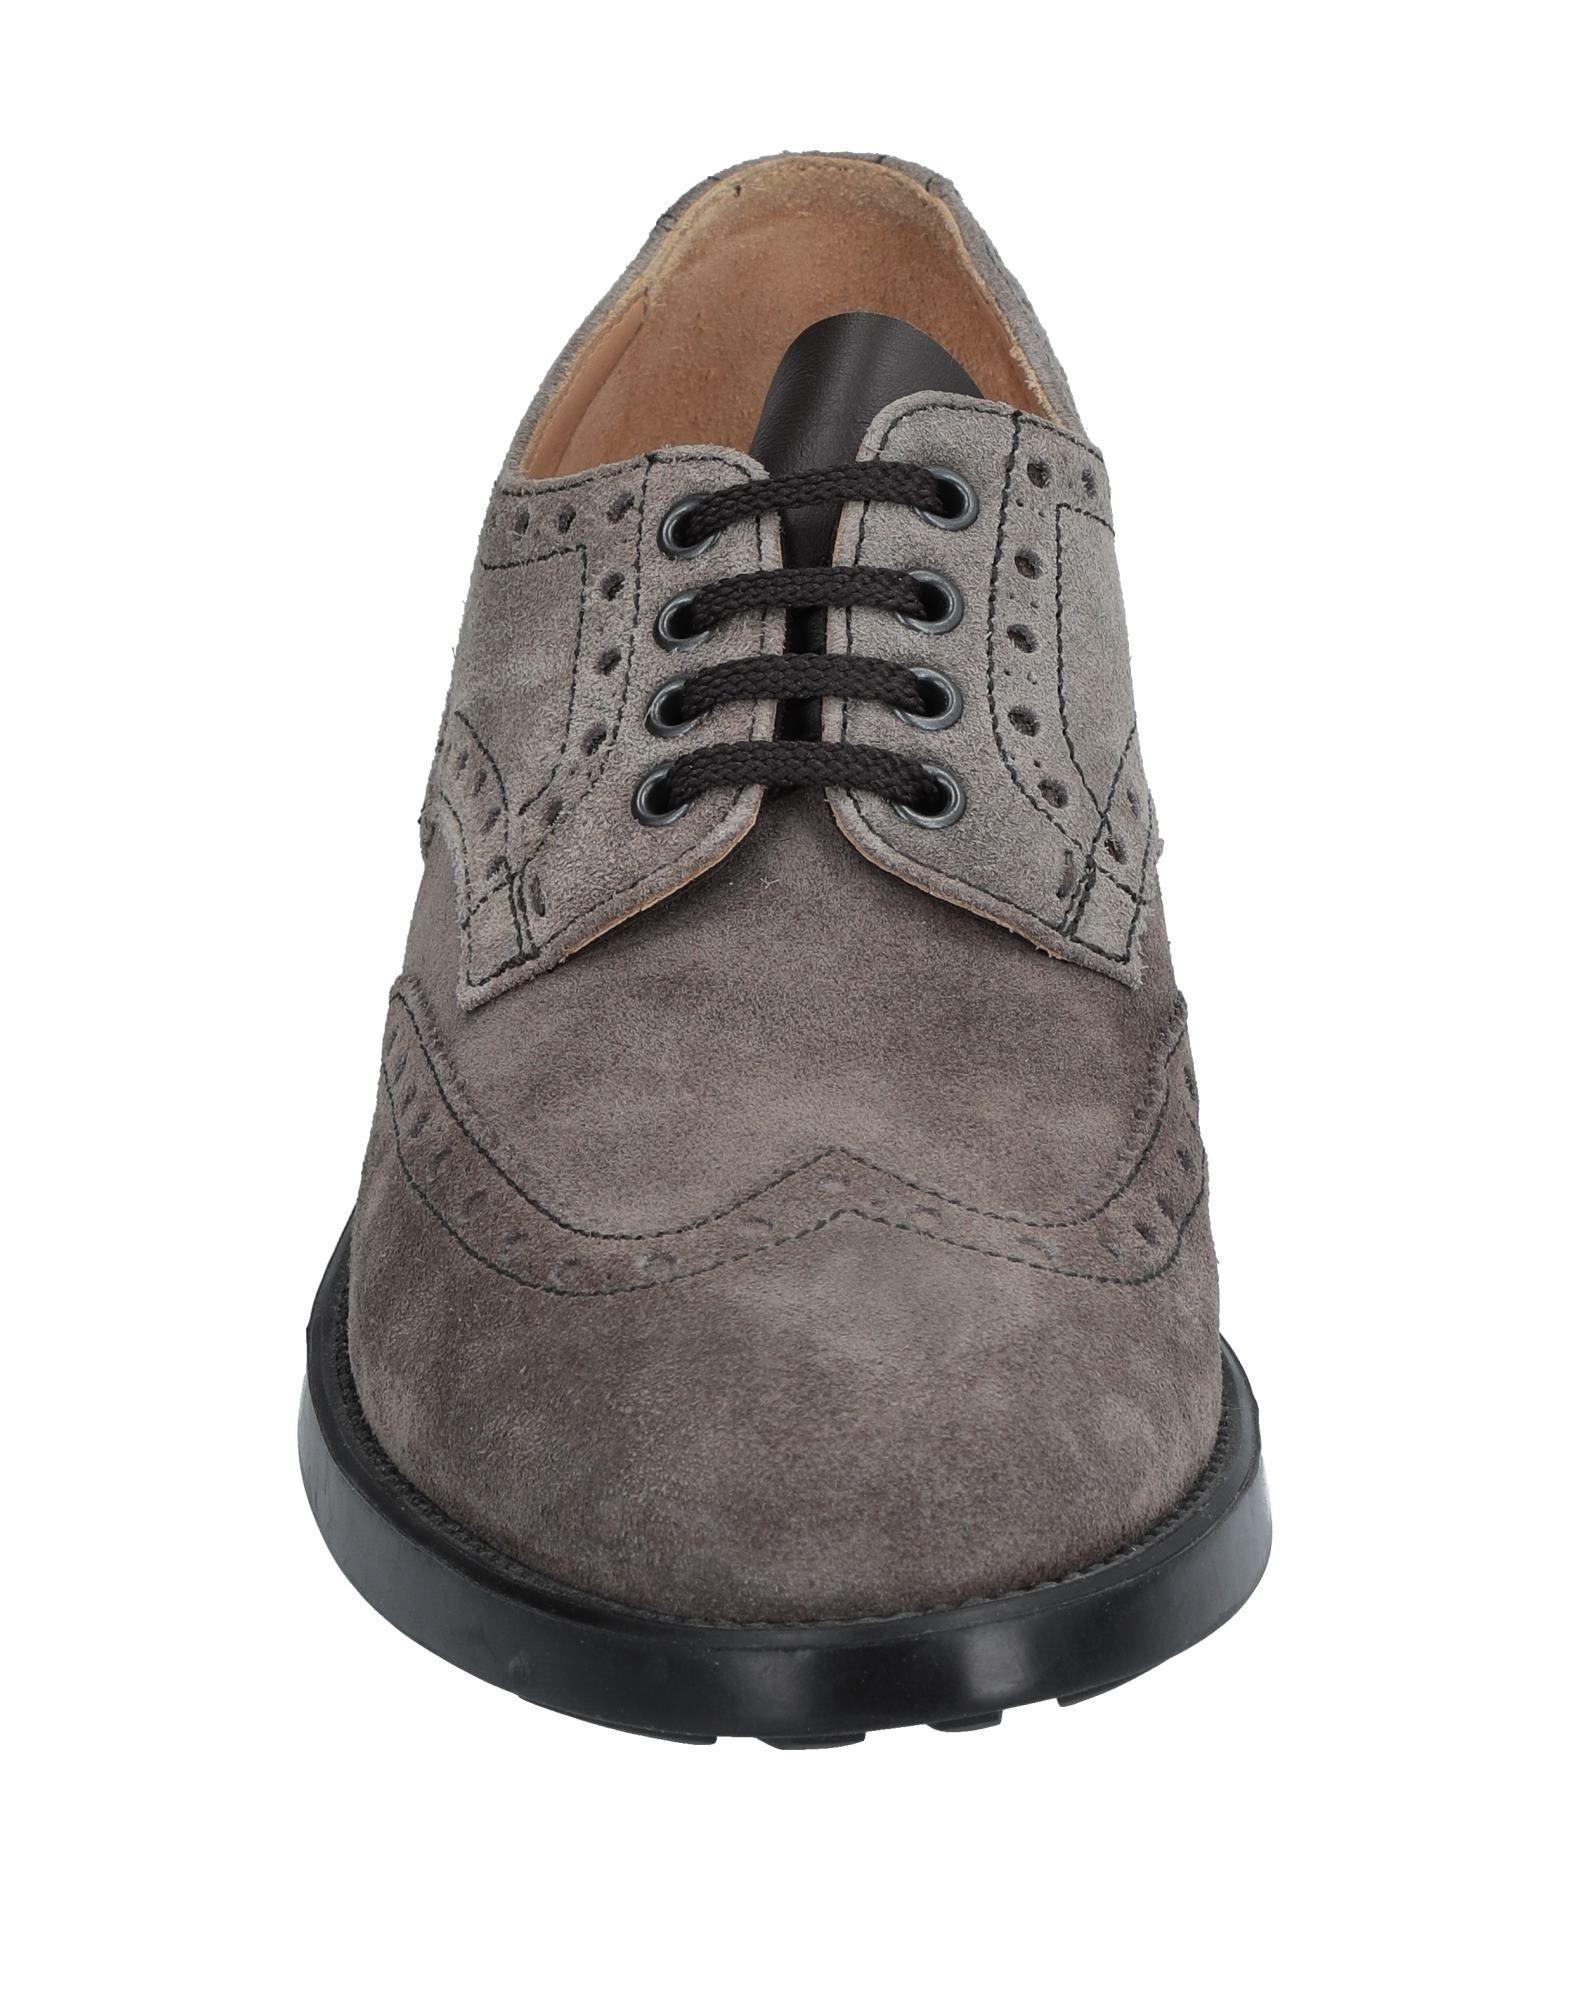 Haltbare Mode 11538074TO billige Schuhe Lo.White Schnürschuhe Herren  11538074TO Mode Heiße Schuhe 26c52e